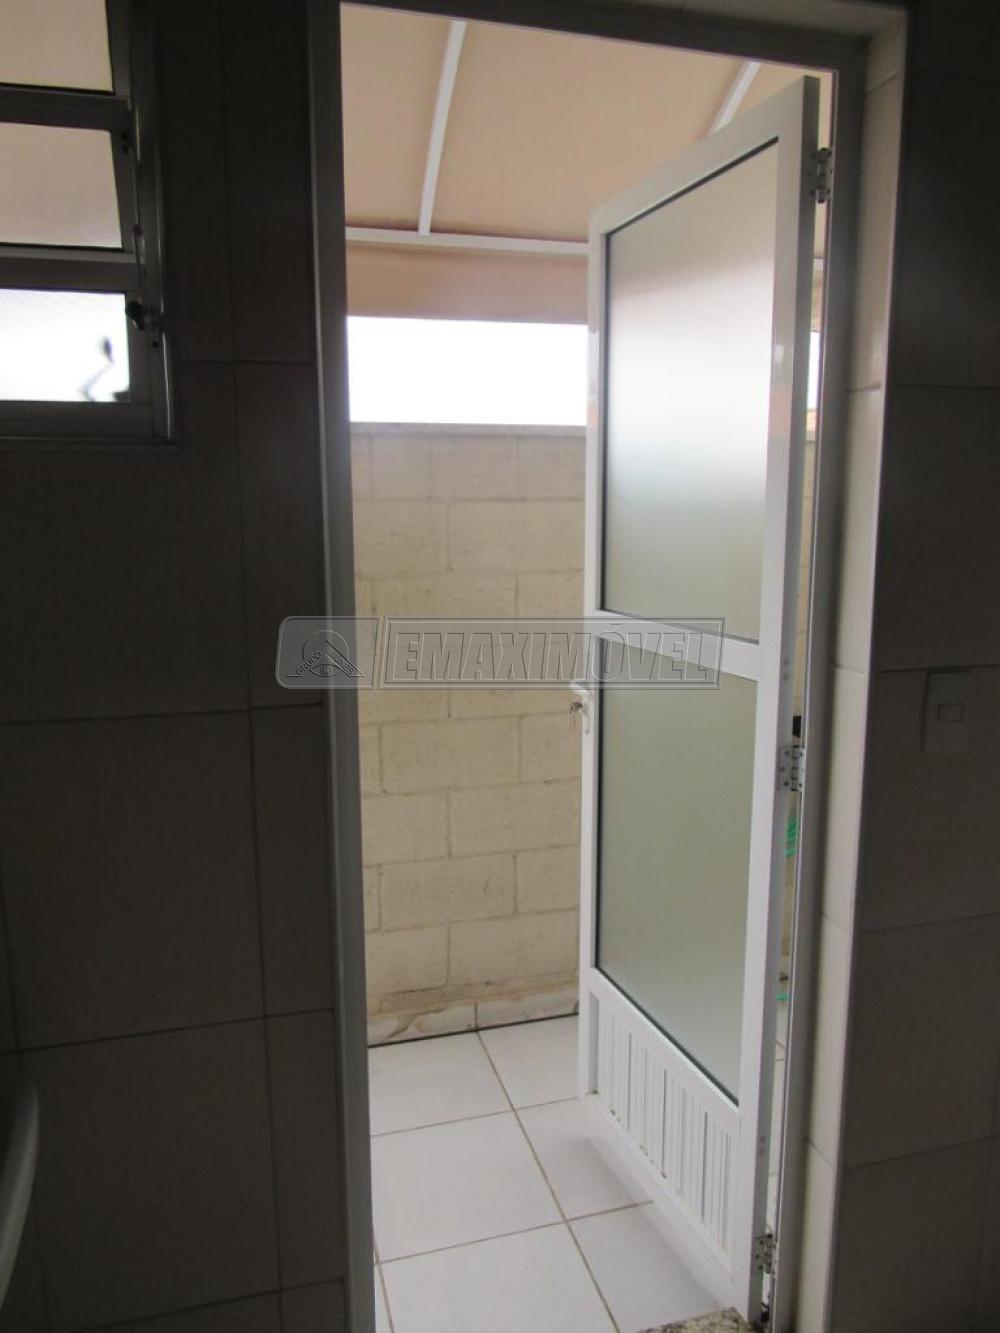 Comprar Apartamento / Padrão em Sorocaba R$ 255.000,00 - Foto 20